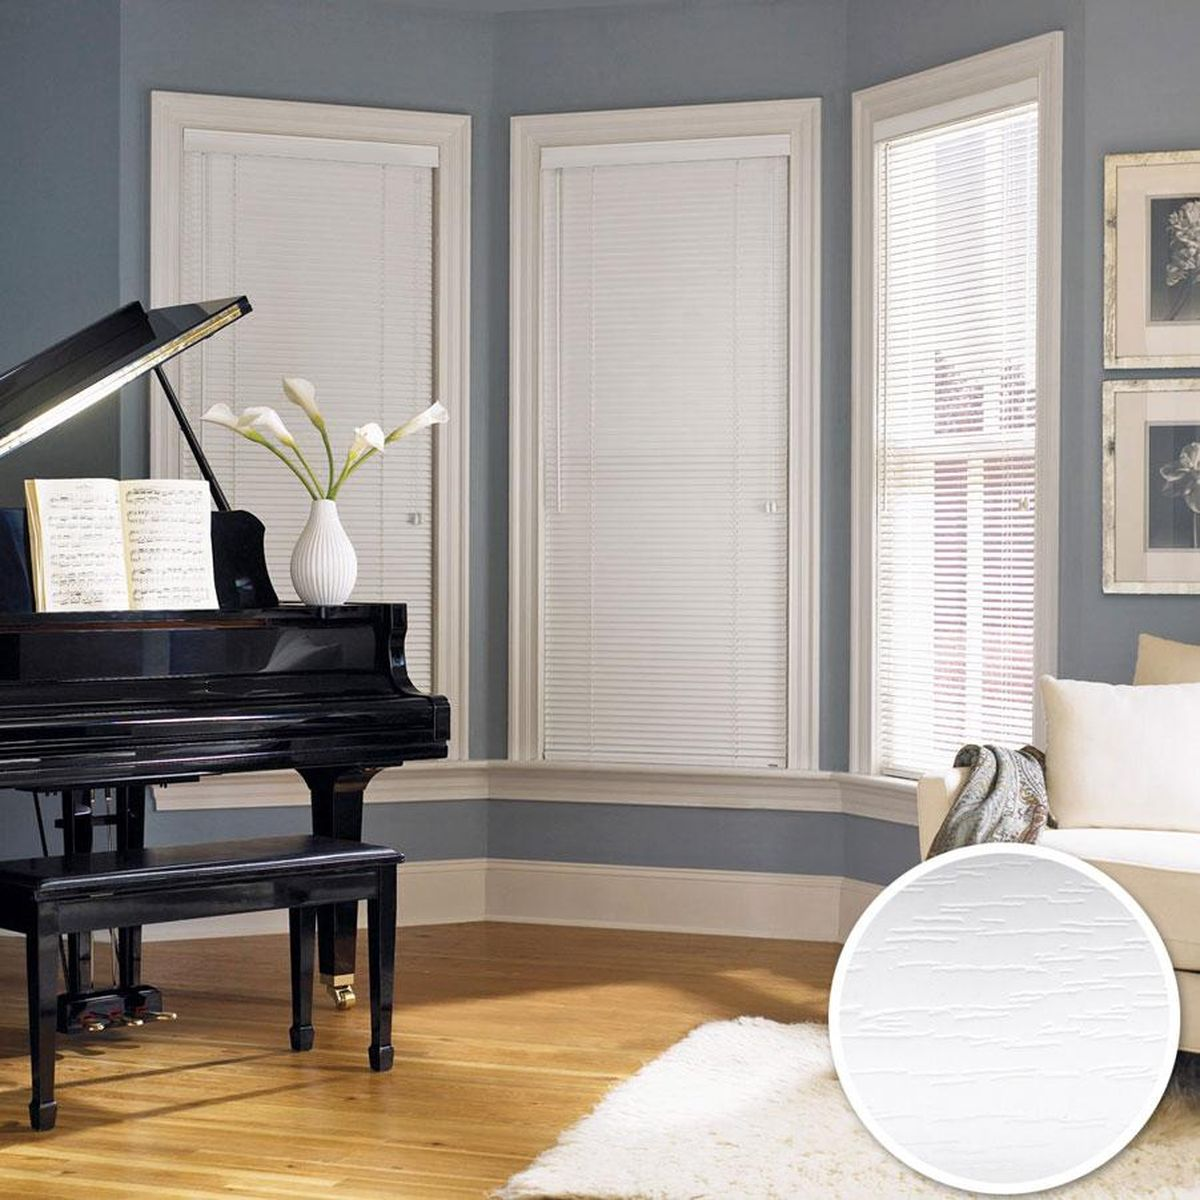 Жалюзи пластиковые 38 мм Эскар, горизонтальные, цвет: белый, ширина 100 см, высота 160 см61008100160Для того чтобы придать интерьеру изюминку и завершенность, нет ничего лучше, чем использовать жалюзи на окнах квартиры, дома или офиса. С их помощью можно подчеркнуть индивидуальный вкус, а также стилевое оформление помещения. Помимо декоративных функций, жалюзи выполняют и практические задачи: они защищают от излишнего солнечного света, не дают помещению нагреваться, а также создают уют в темное время суток.Пластиковые жалюзи - самое универсальное и недорогое решение для любого помещения. Купить их может каждый, а широкий выбор размеров под самые популярные габариты сделает покупку простой и удобной. Пластиковые жалюзи имеют высокие эксплуатационные характеристики - они гигиеничны, что делает их незаменимыми при монтаже в детских и медицинских учреждениях.